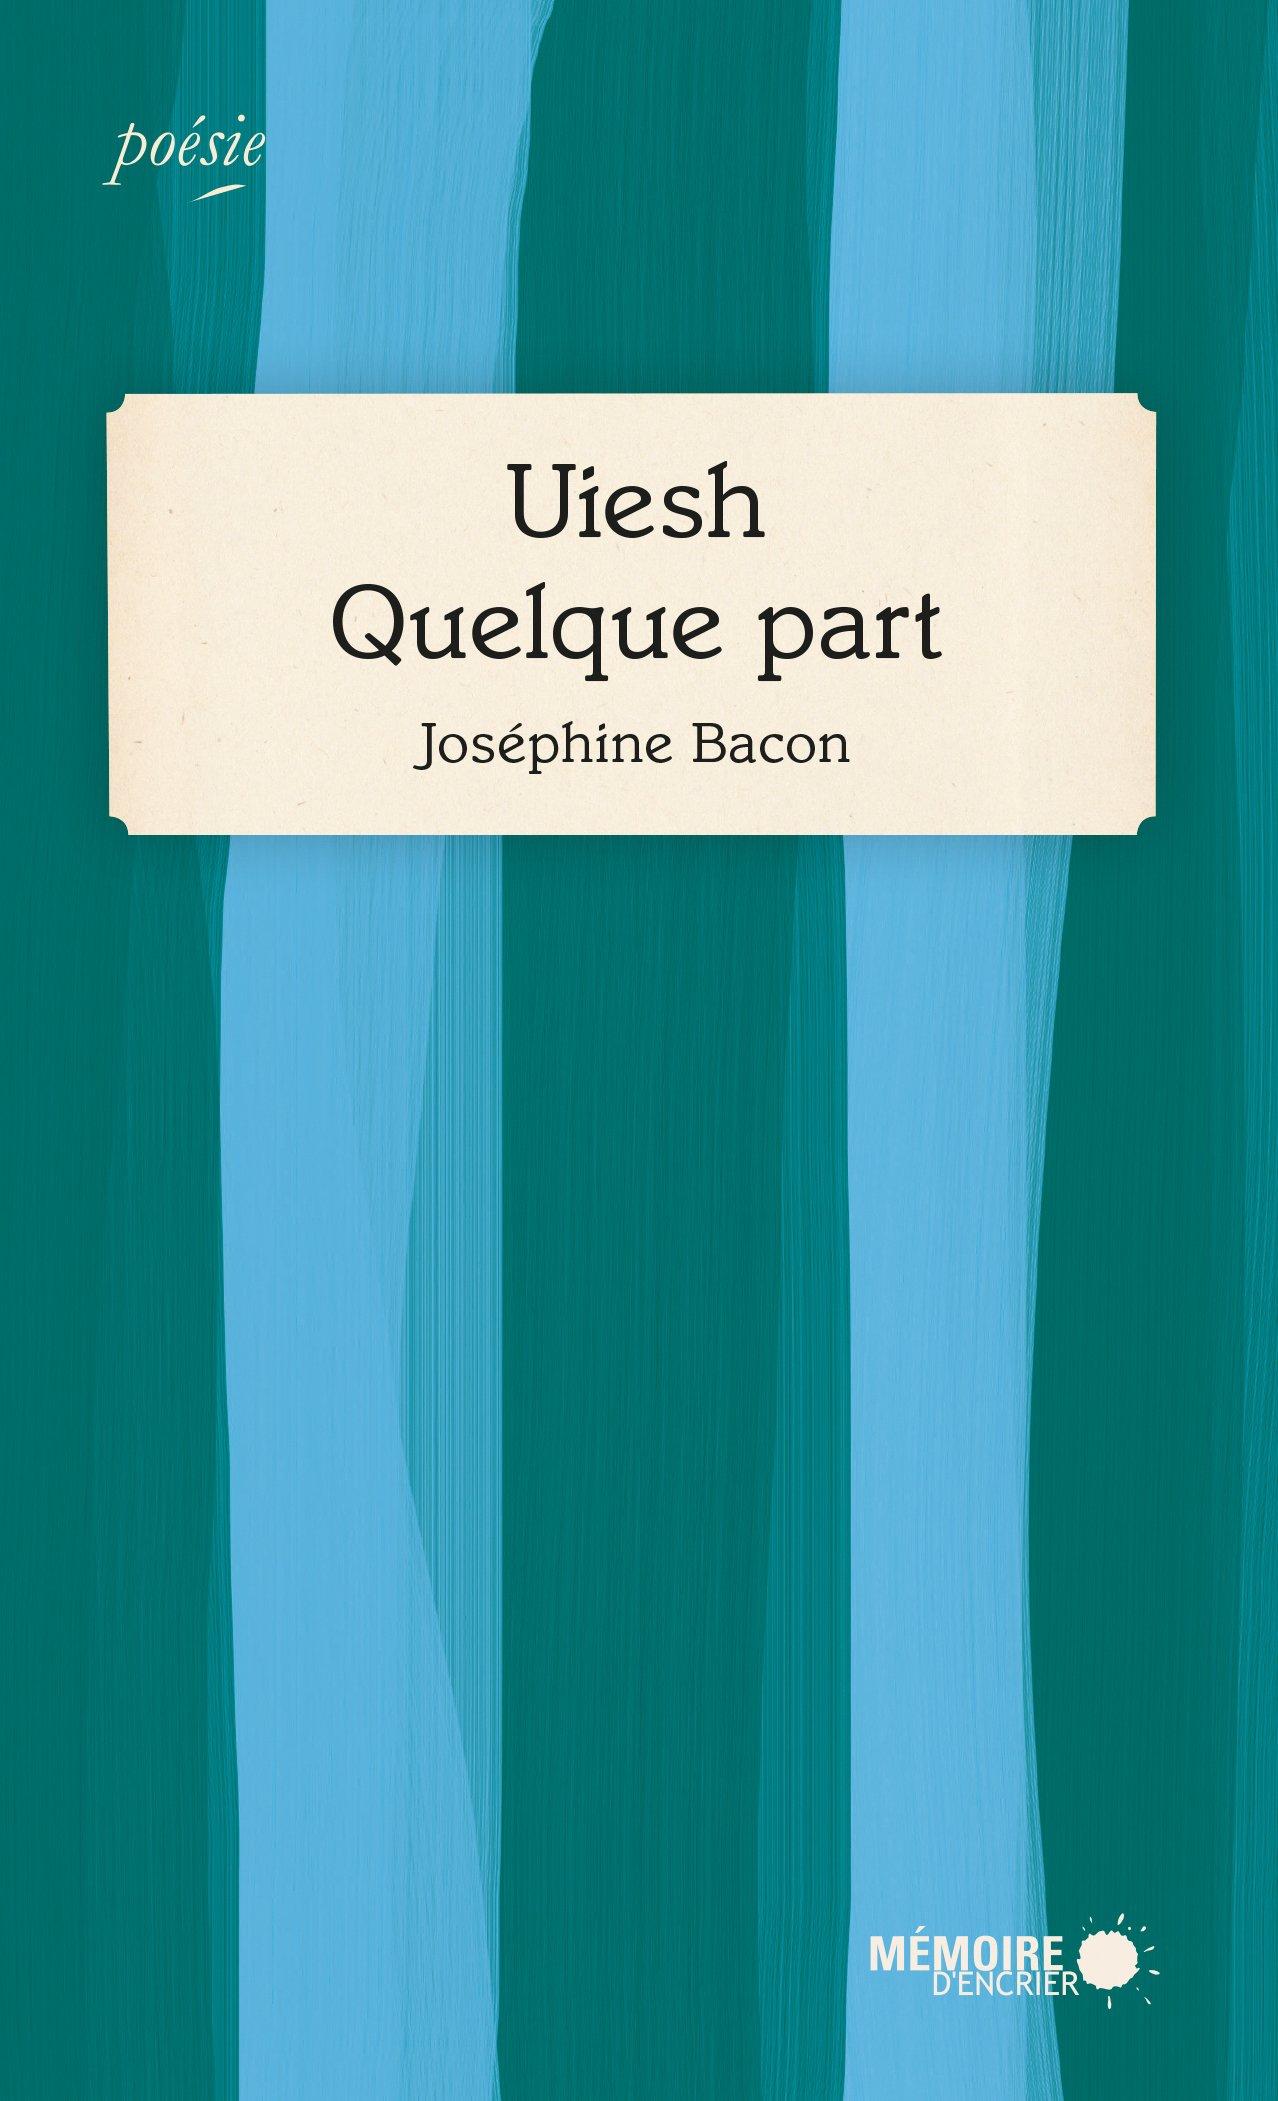 Uiesh / Quelque part, un recueil de Joséphine Bacon